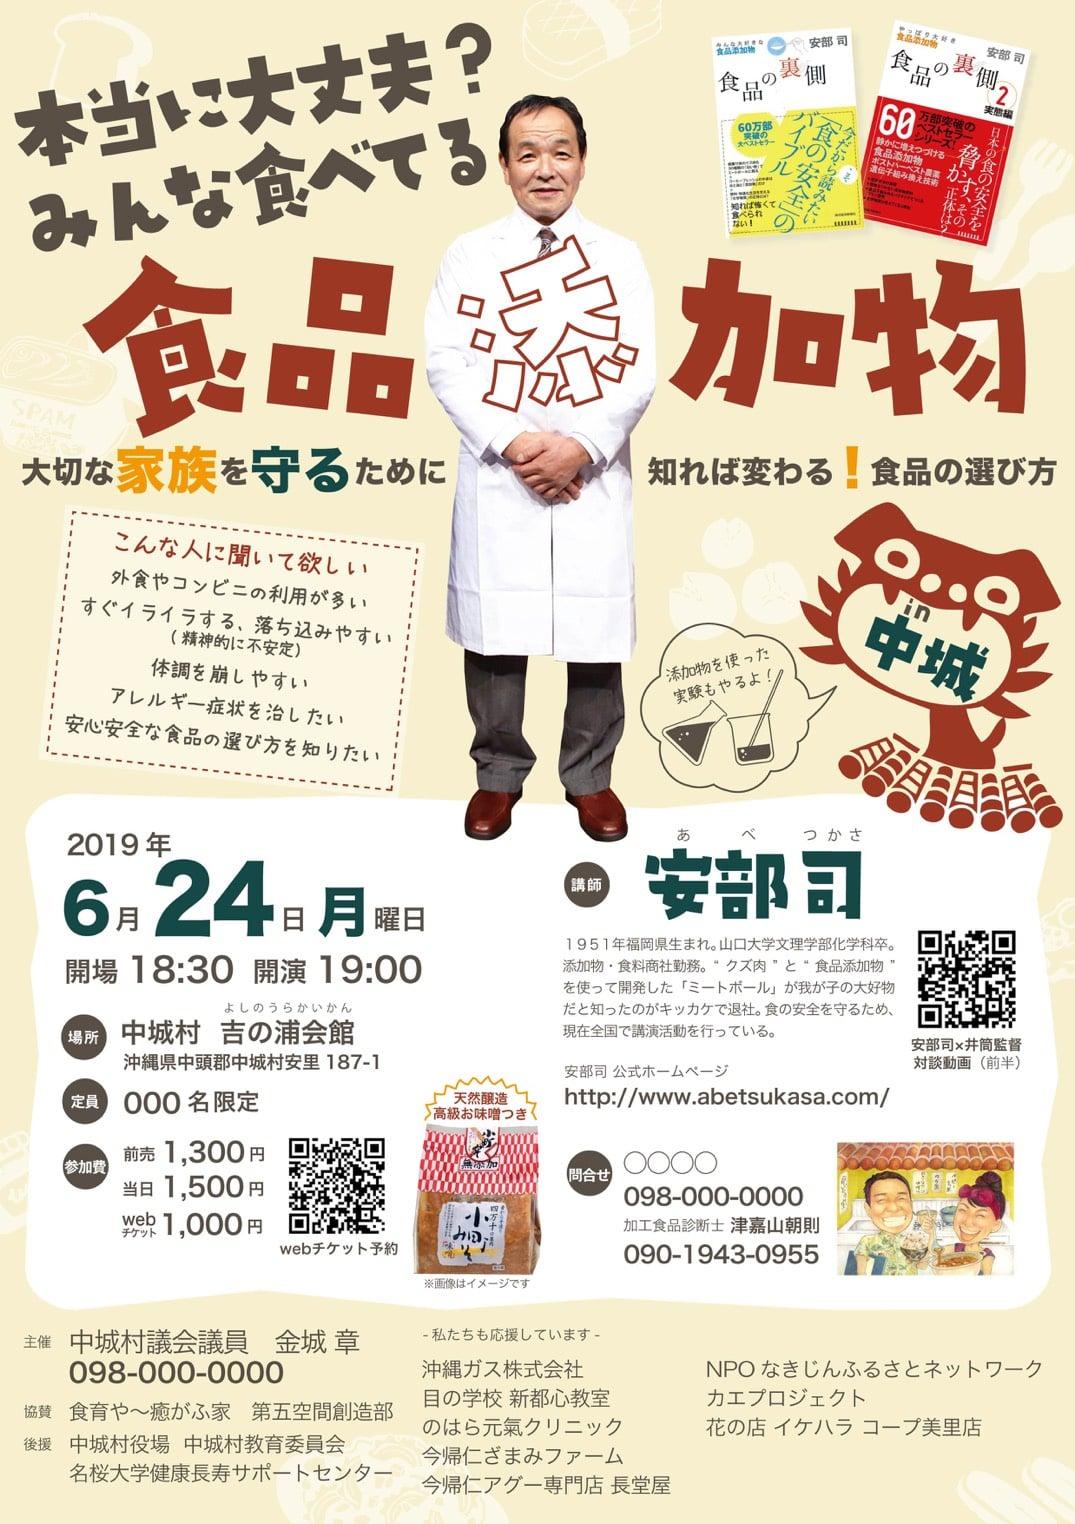 【売り切れ】2019/6/24(月) 19:00-21:00 |食品添加物の神様「安部司」本当に大丈夫?みんな食べてる食品添加物 講演チケットのイメージその1